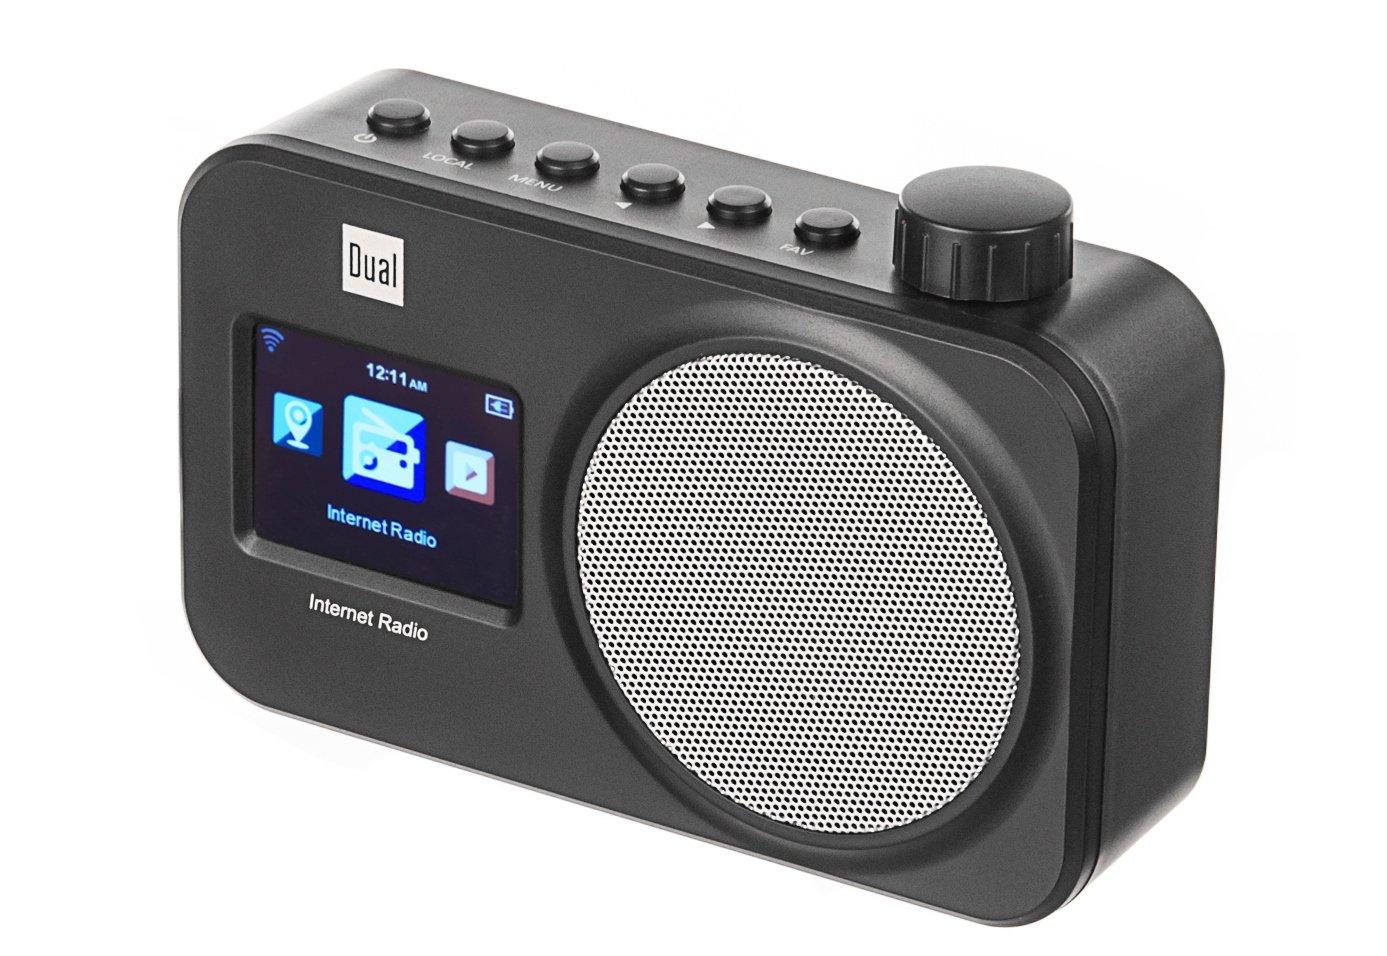 Wifi, UpnP di streaming audio, ricerca di rete automatica, funzione sveglia, Alimentazione Elettrica Dual 75183/IR 11/WiFi Internet Radio con display a colori nero